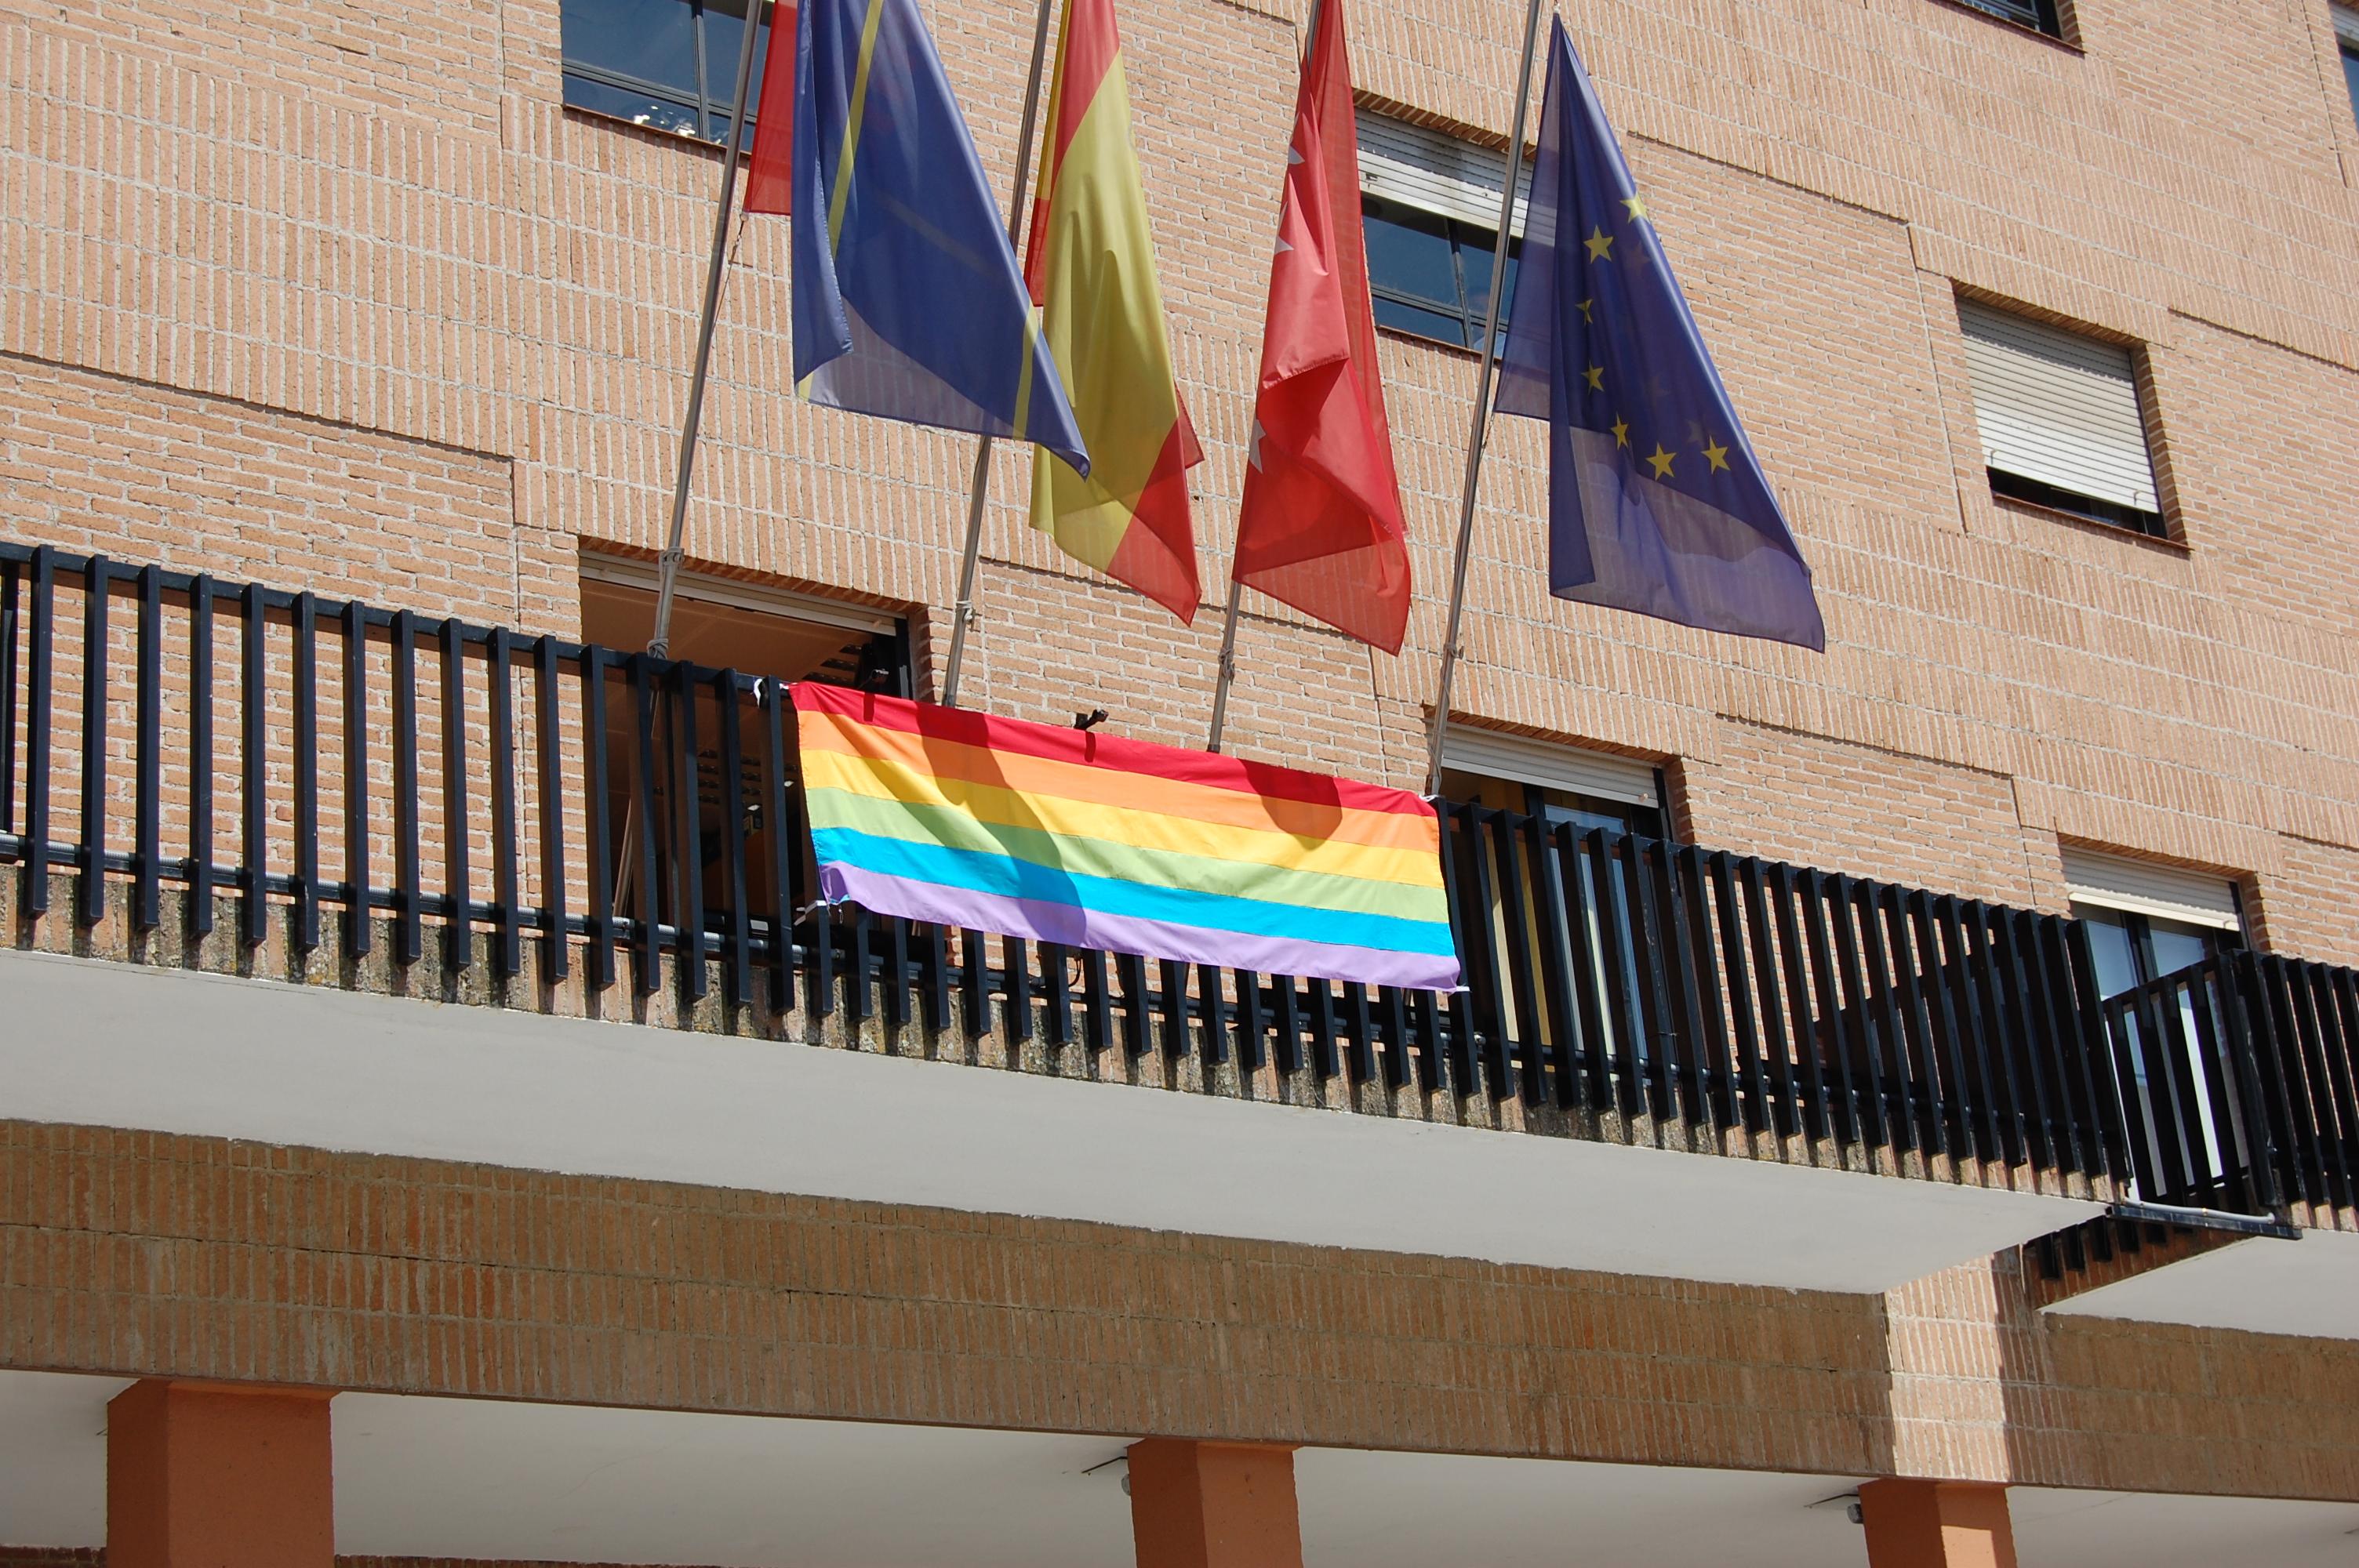 Bandera LGBT en el balcón del Ayuntamiento de Móstoles